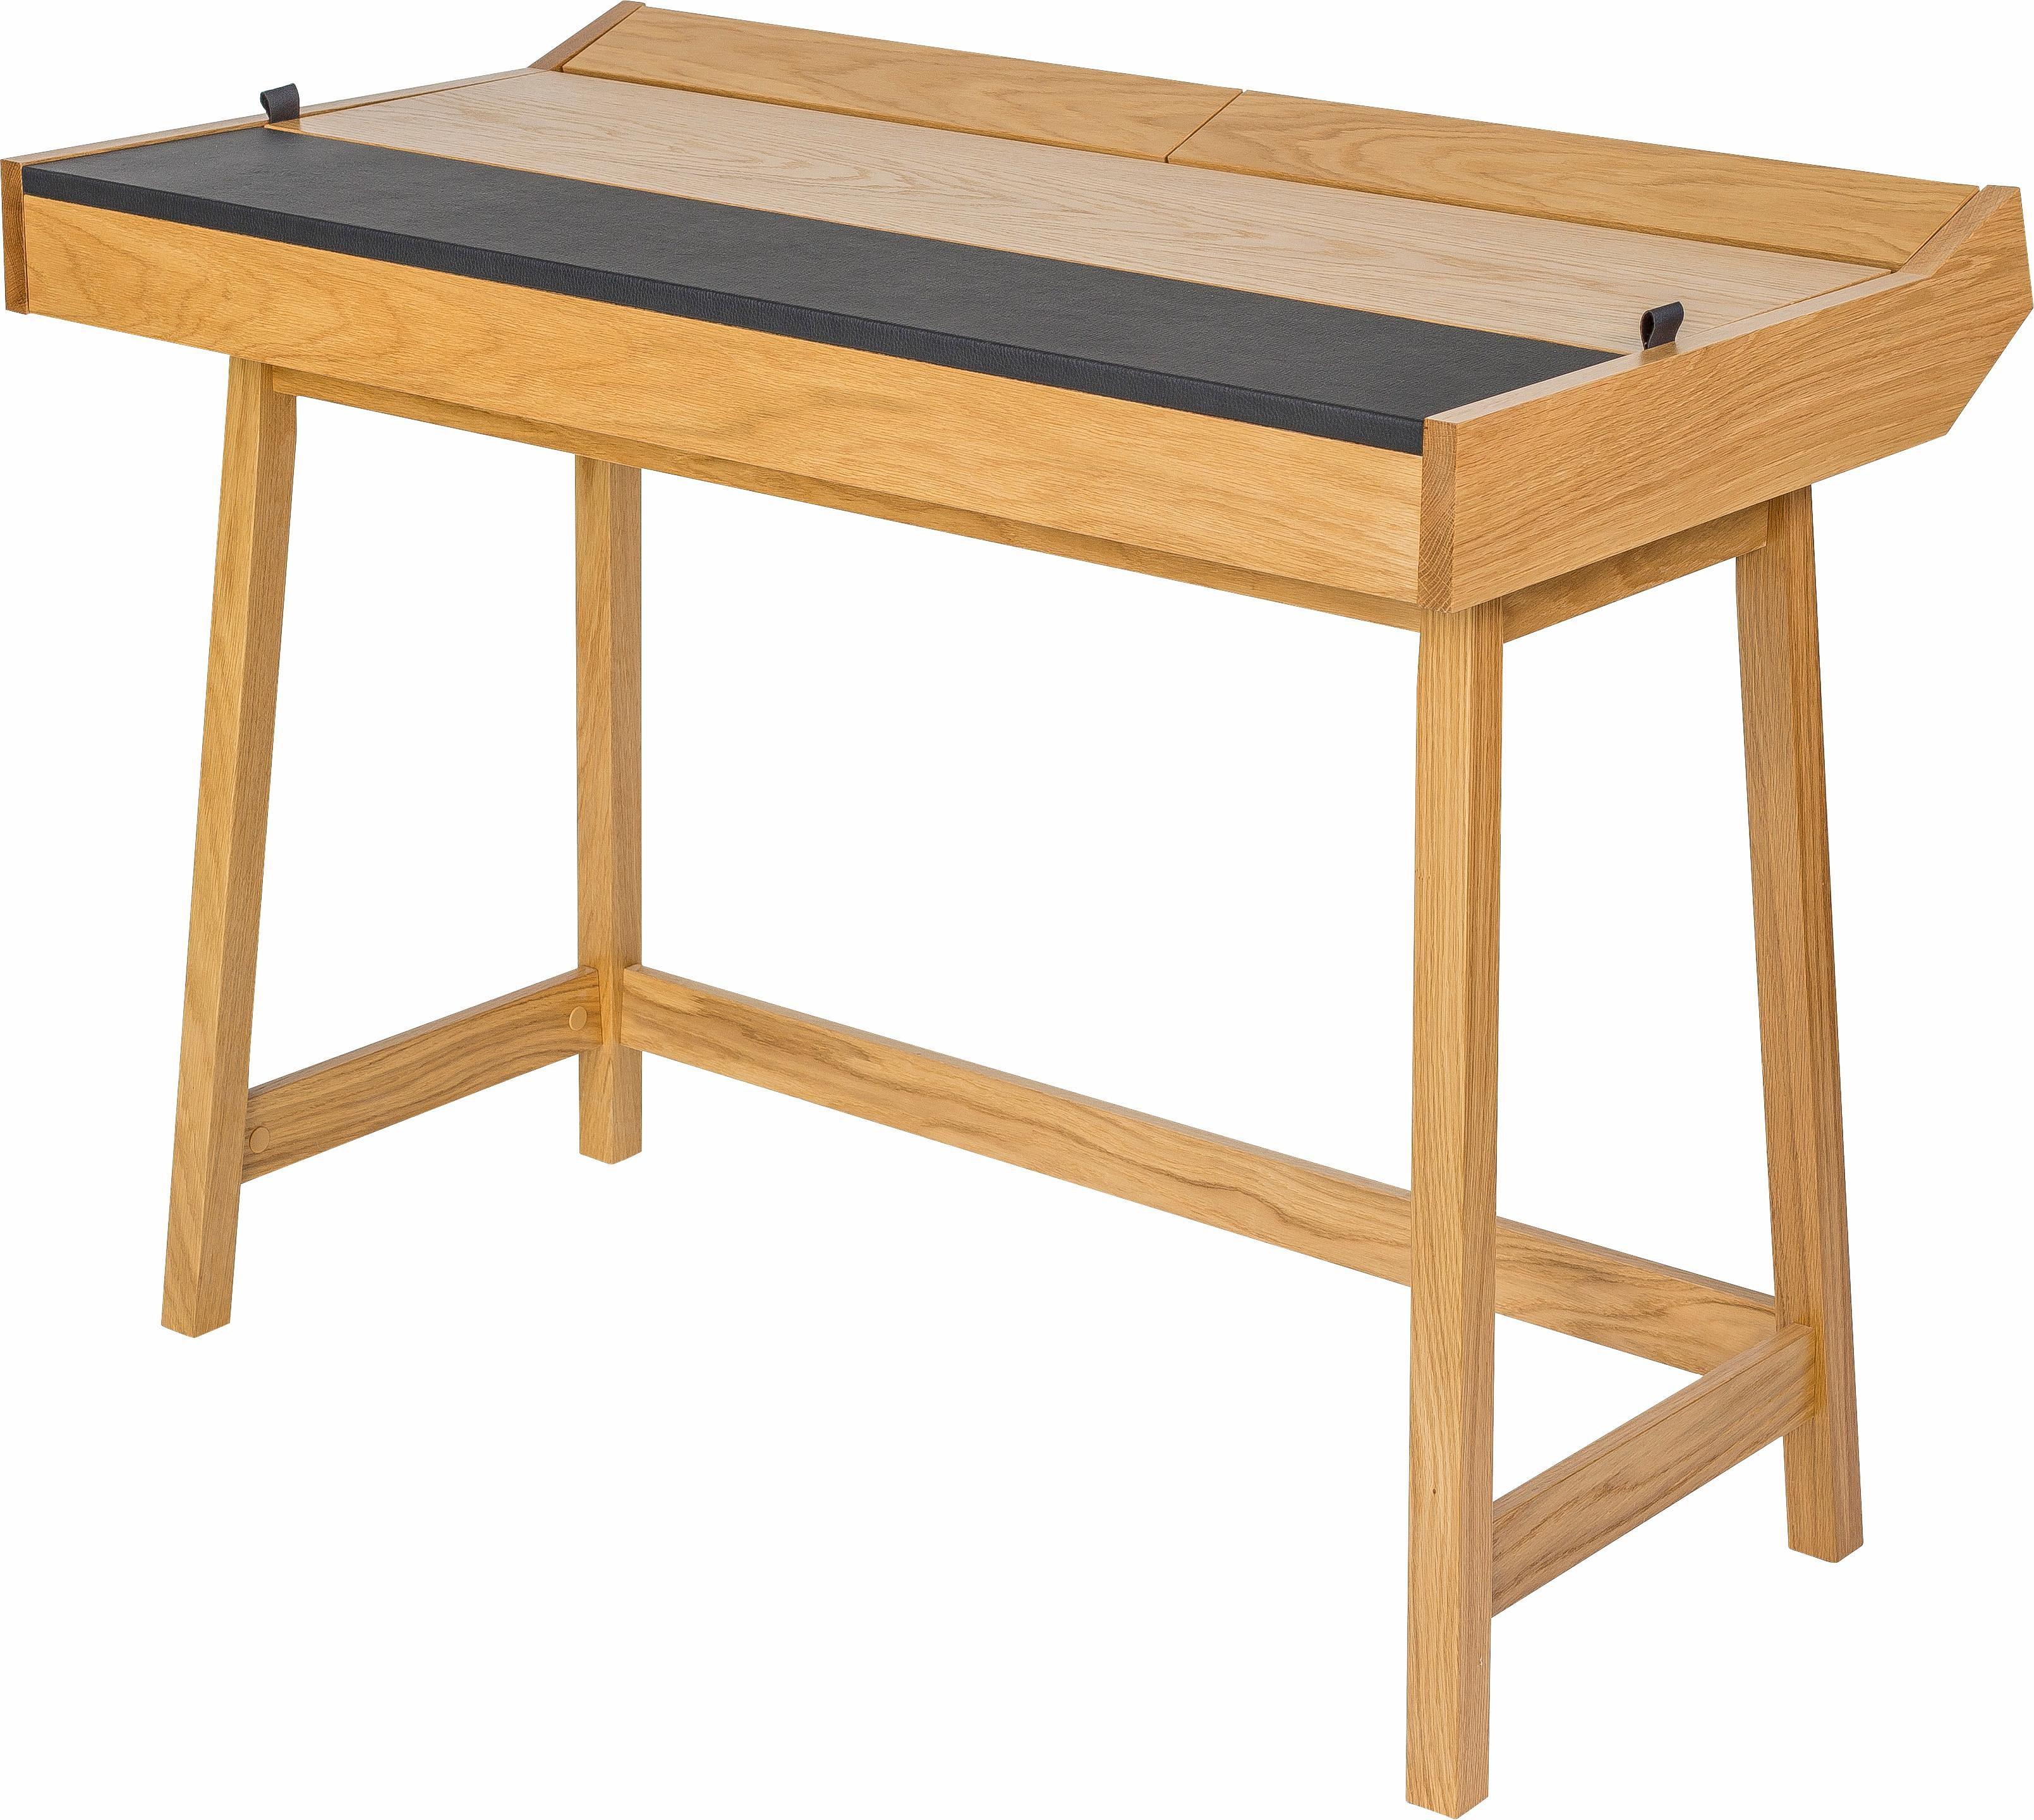 andas Schreibtisch »Brompton«, Eiche im nordischen Design